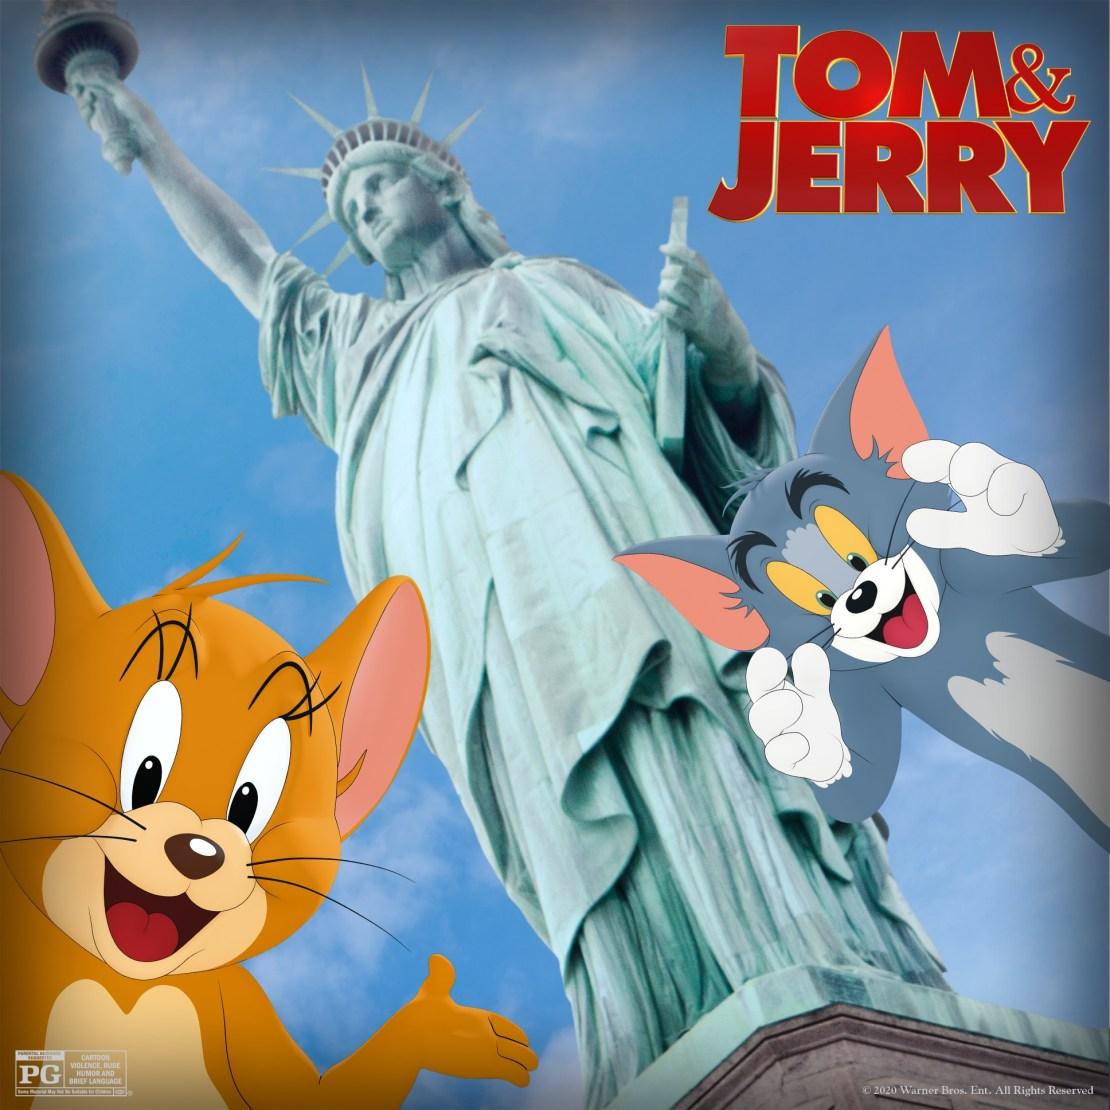 Tom & Jerry NYC